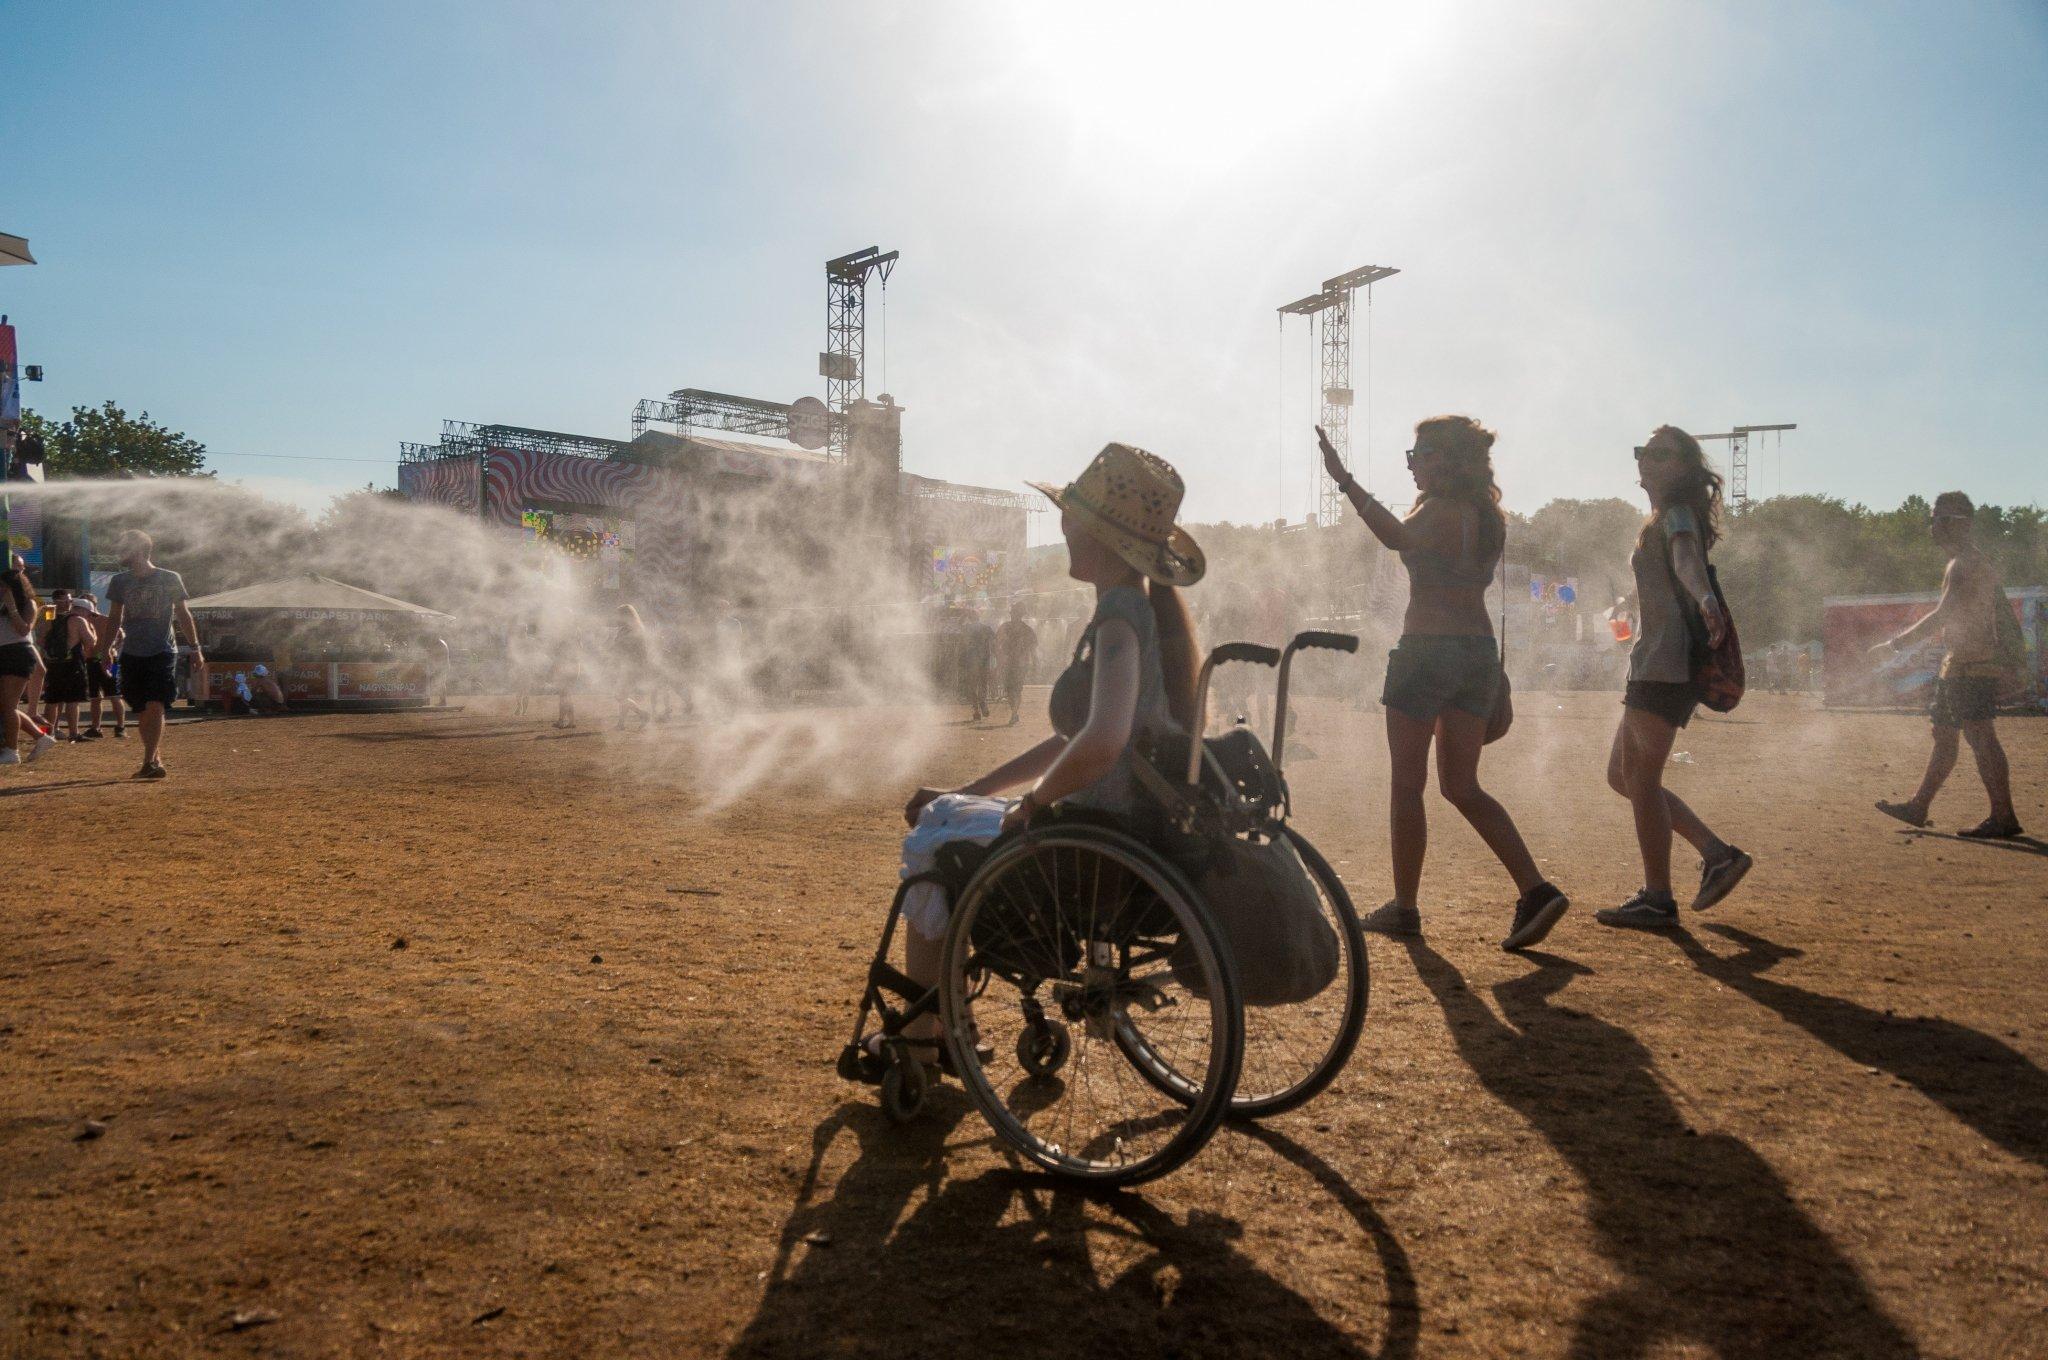 Rollstuhlfahrerin Adina auf dem sandigen Boden des Festivalgeländes. Im Hintergrund sieht man die Bühne.